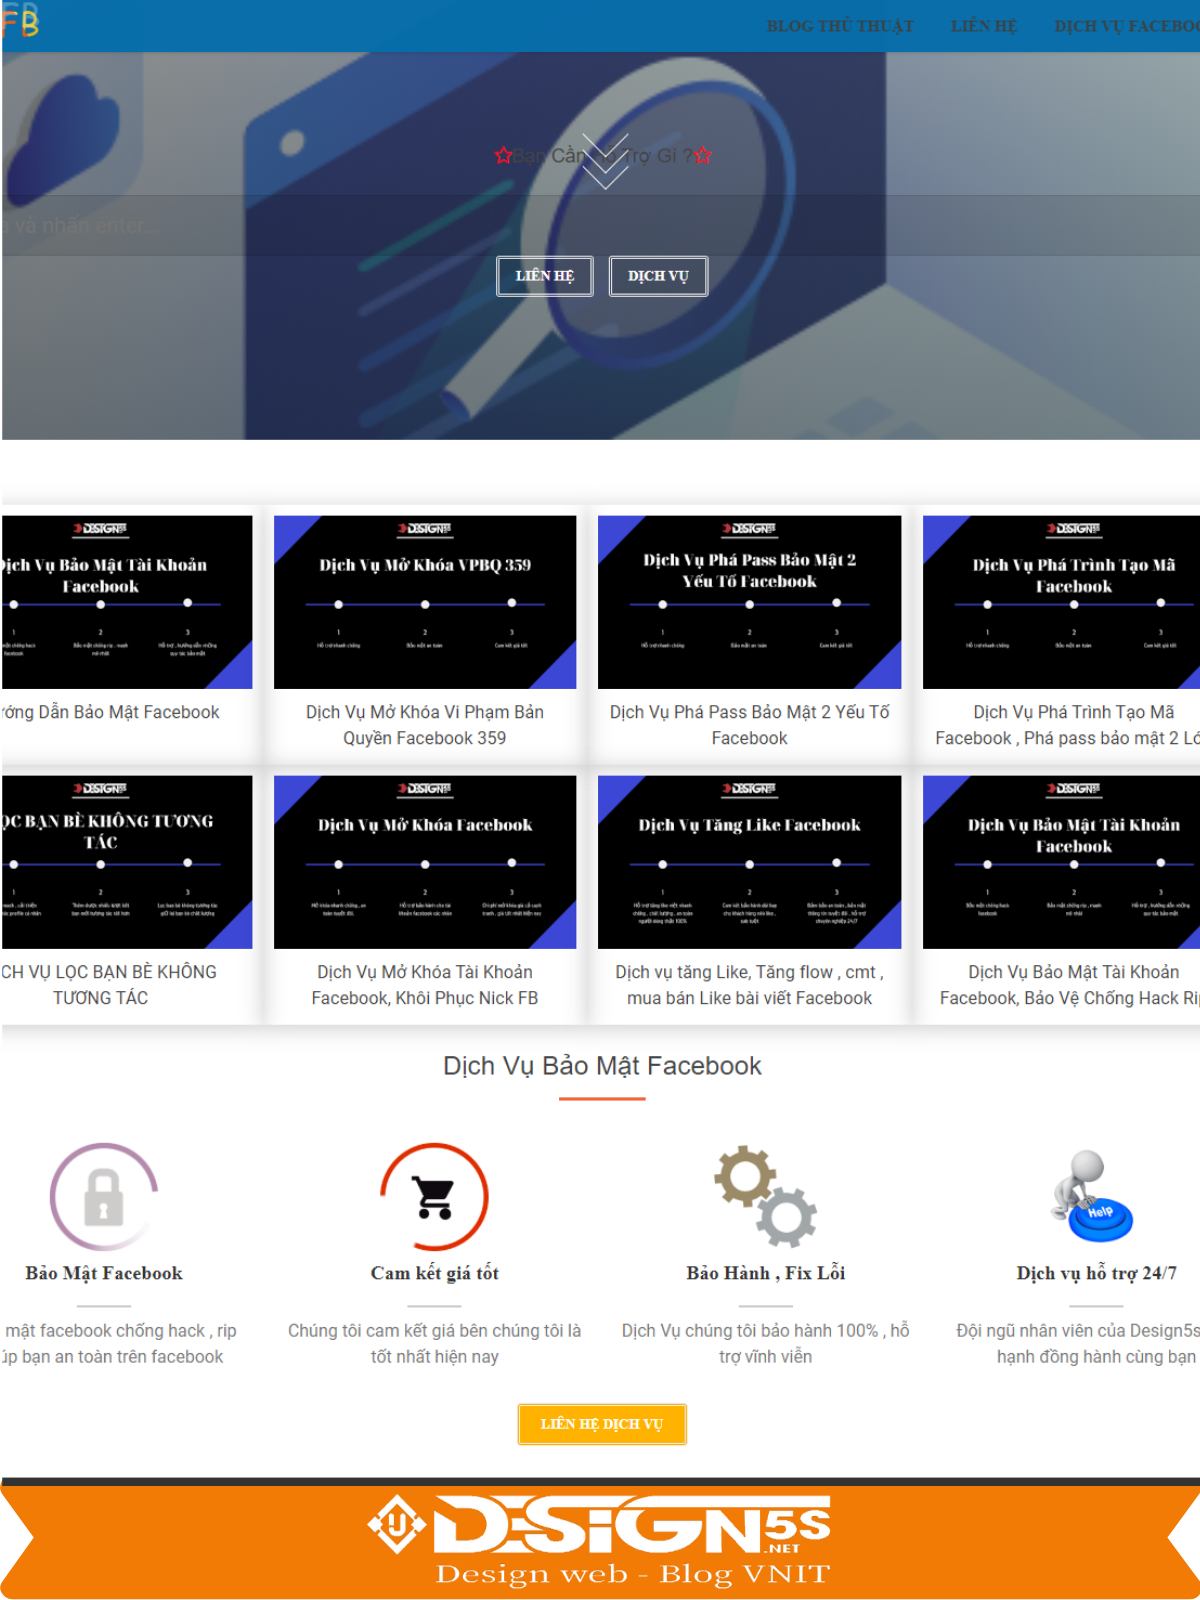 Website Landing Page dịch vụ kết hợp blog cá nhân - Ảnh 2